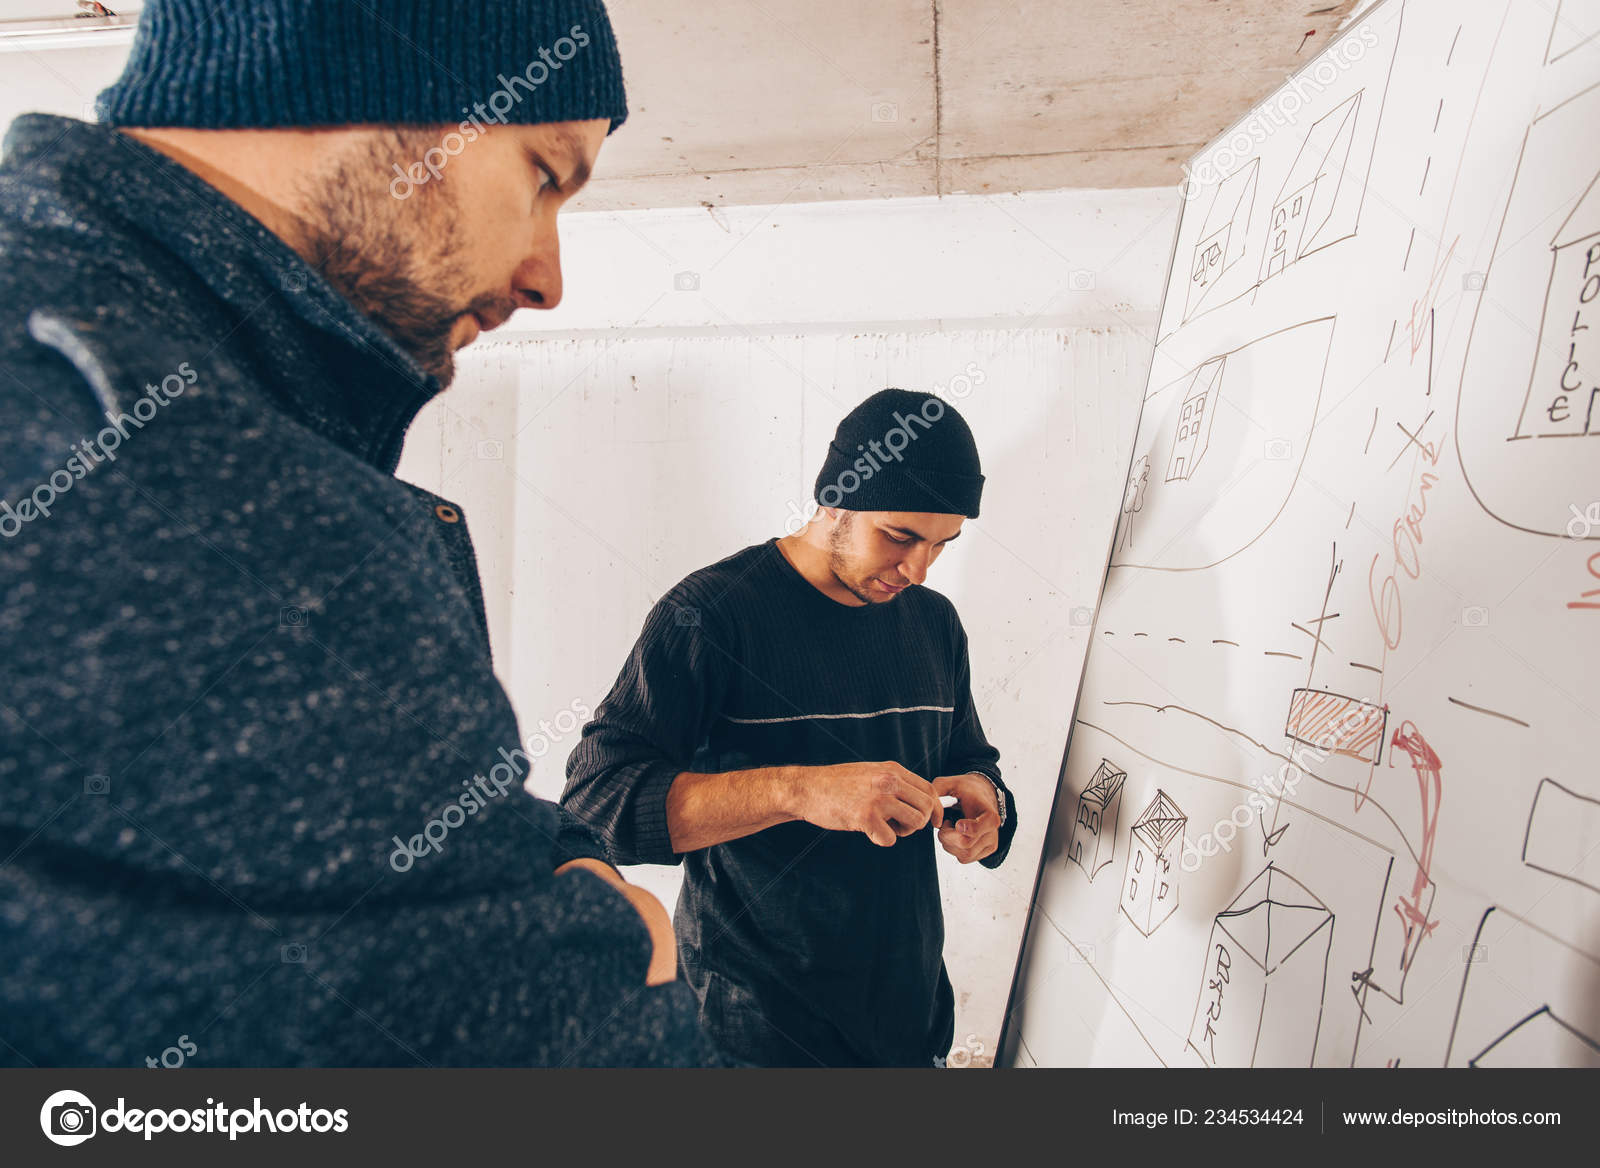 Stealers Making Plan Money Heist — Stock Photo © gorgev #234534424